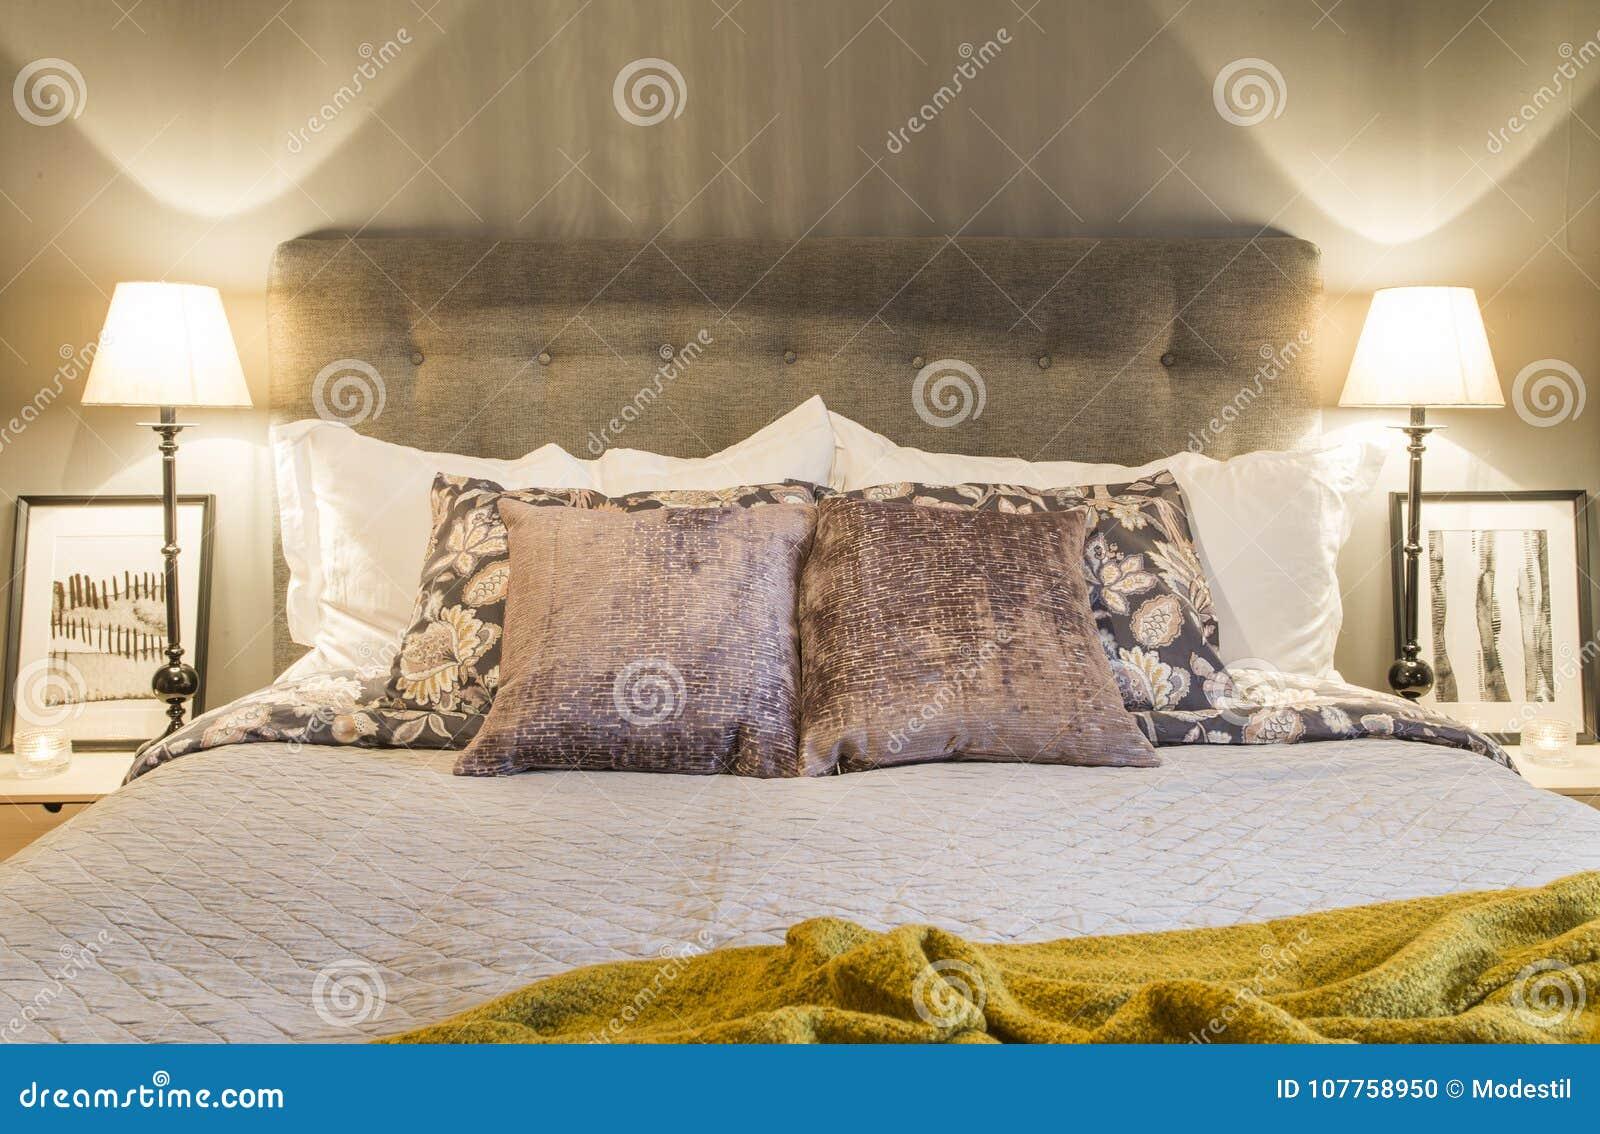 Leuke Hanglamp Voor Tienerkamer.Mooie Slaapkamer Lampen Leuke Decoratie Voor Slaapkamer